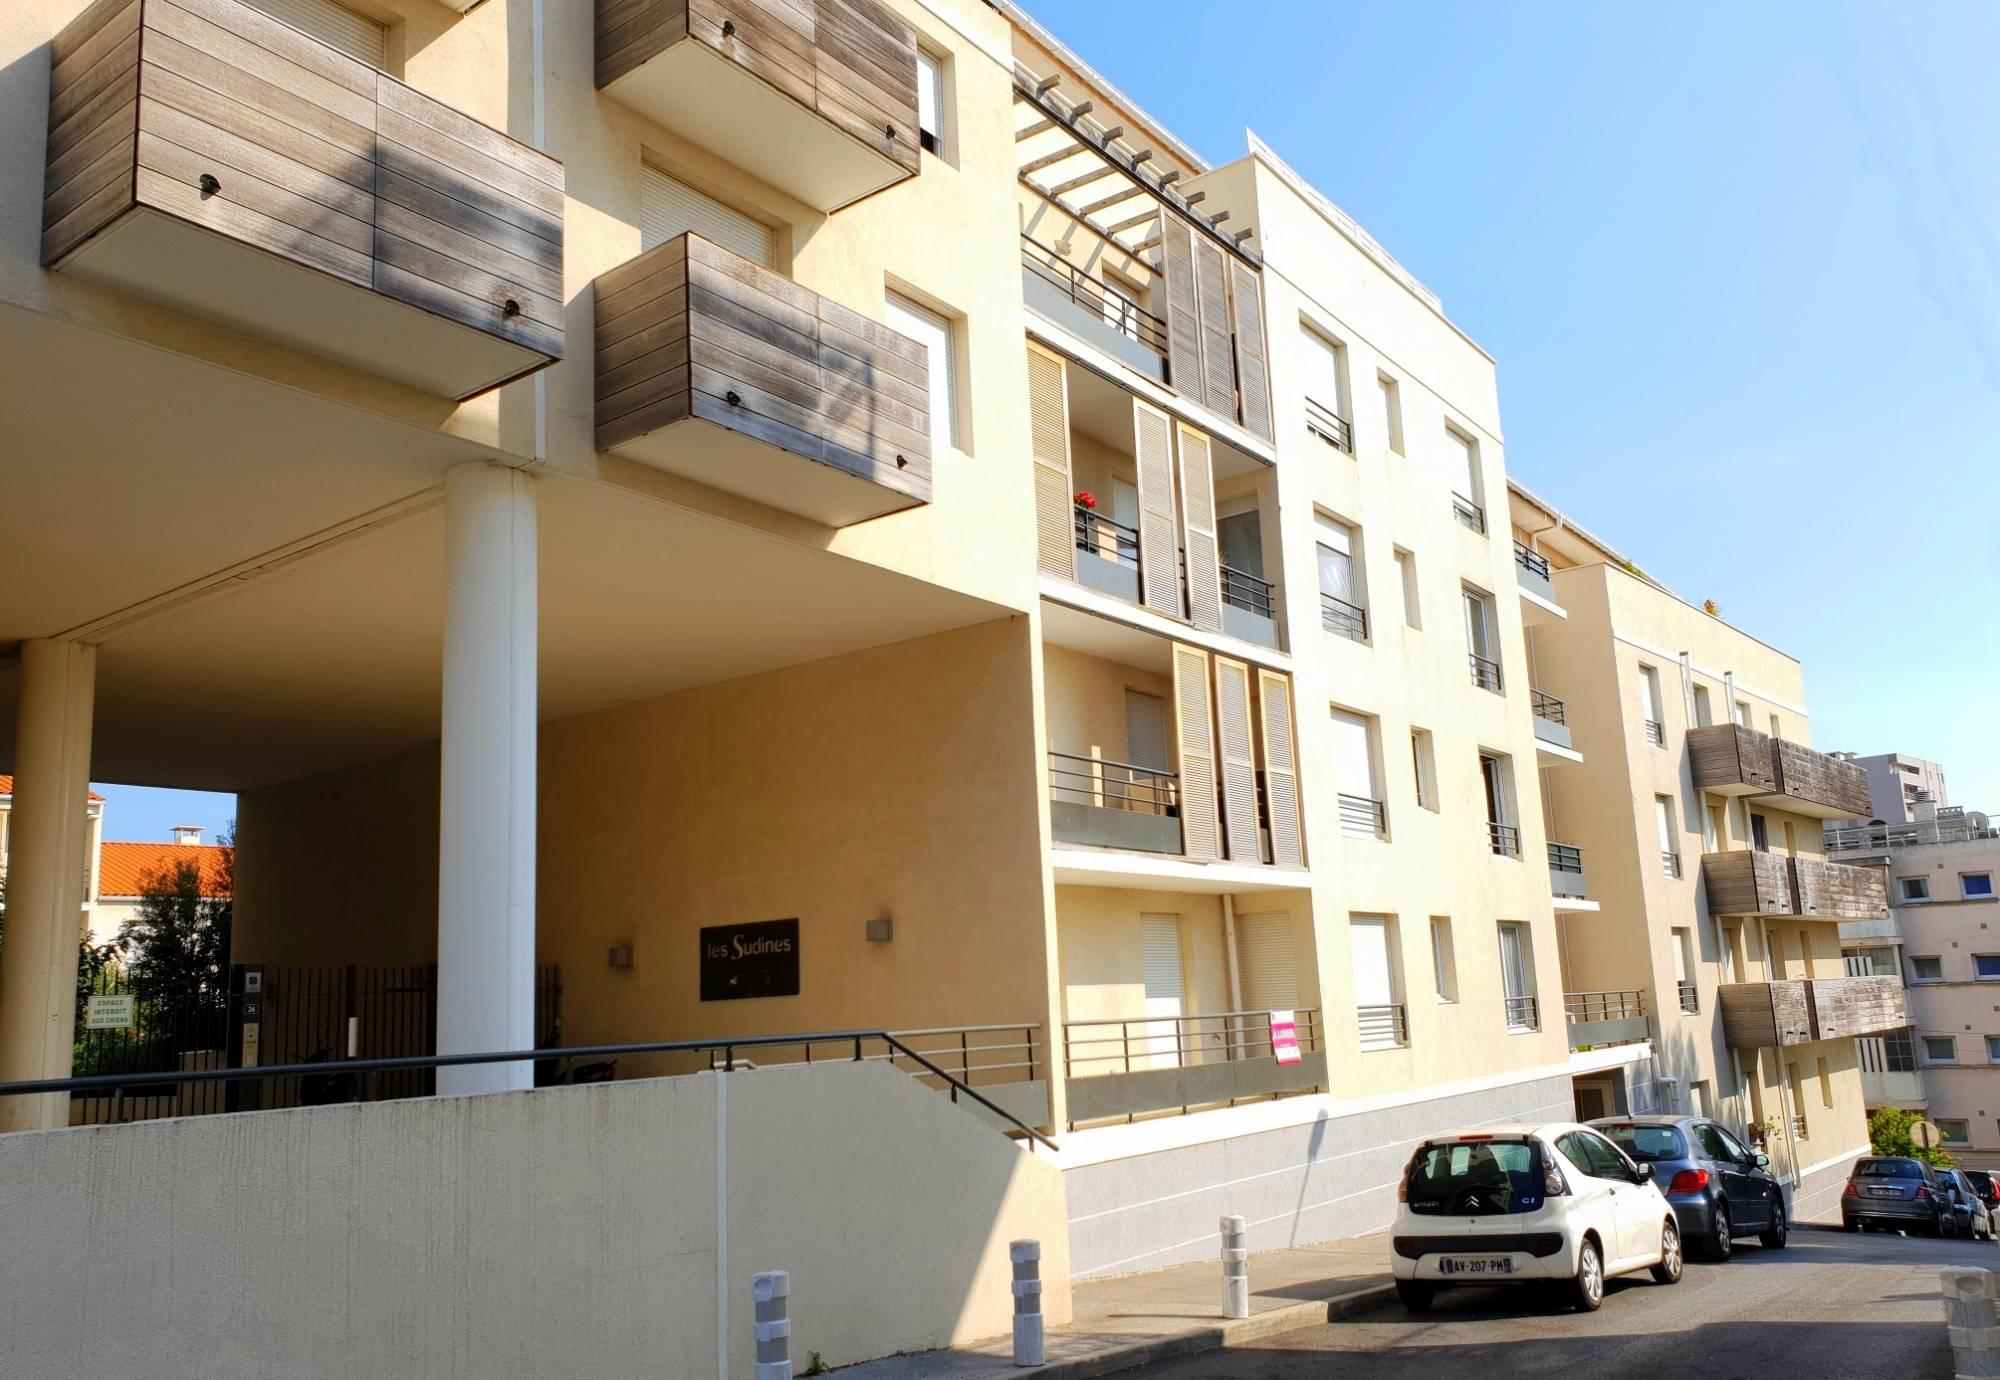 a vendre a la seyne sur mer 83500 un appartement t2 en location avec place de parking agences. Black Bedroom Furniture Sets. Home Design Ideas